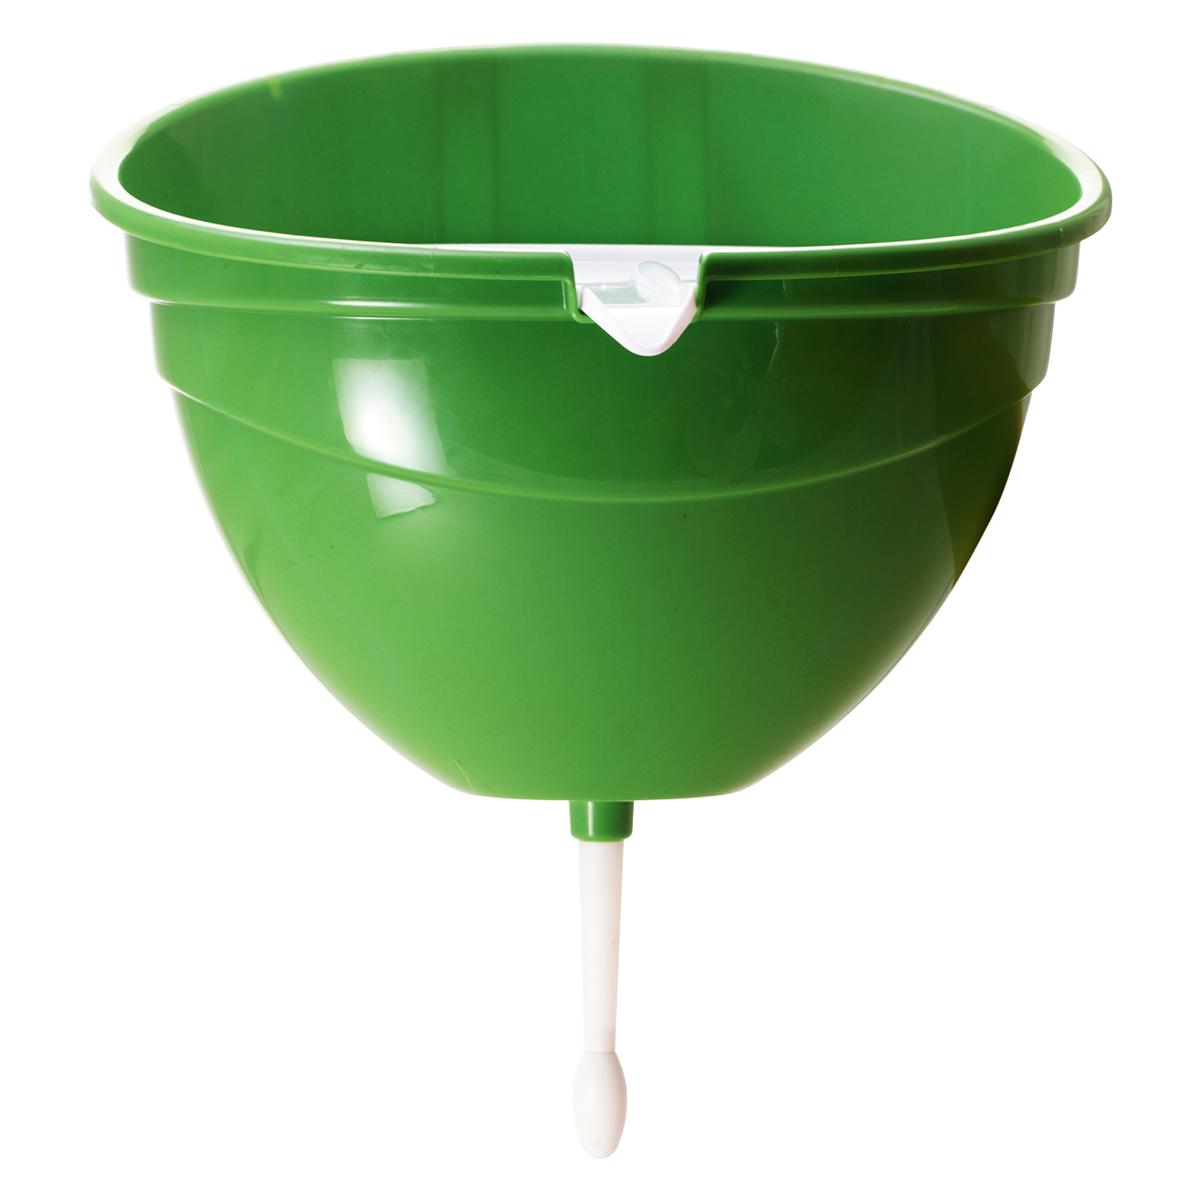 Рукомойник InGreen, цвет: салатовый, 4 лING30004FСЛСовременный и стильный рукомойник InGreen предназначен для дачи. Выполнен из высококачественного пластика и выдерживает отрицательные температуры (до -25 градусов), что позволяет ему спокойно пережидать зиму на улице. Крышка рукомойника расположена под небольшим углом и имеет специальный носик для слива дождевой воды, а также рифленую поверхность для удобного расположения мыла. Затвор плотно прилегает ко дну рукомойника, что предотвращает протекания воды. Размер рукомойника: 31,5 х 24,5 х 37 см. Объем рукомойника: 4 л.